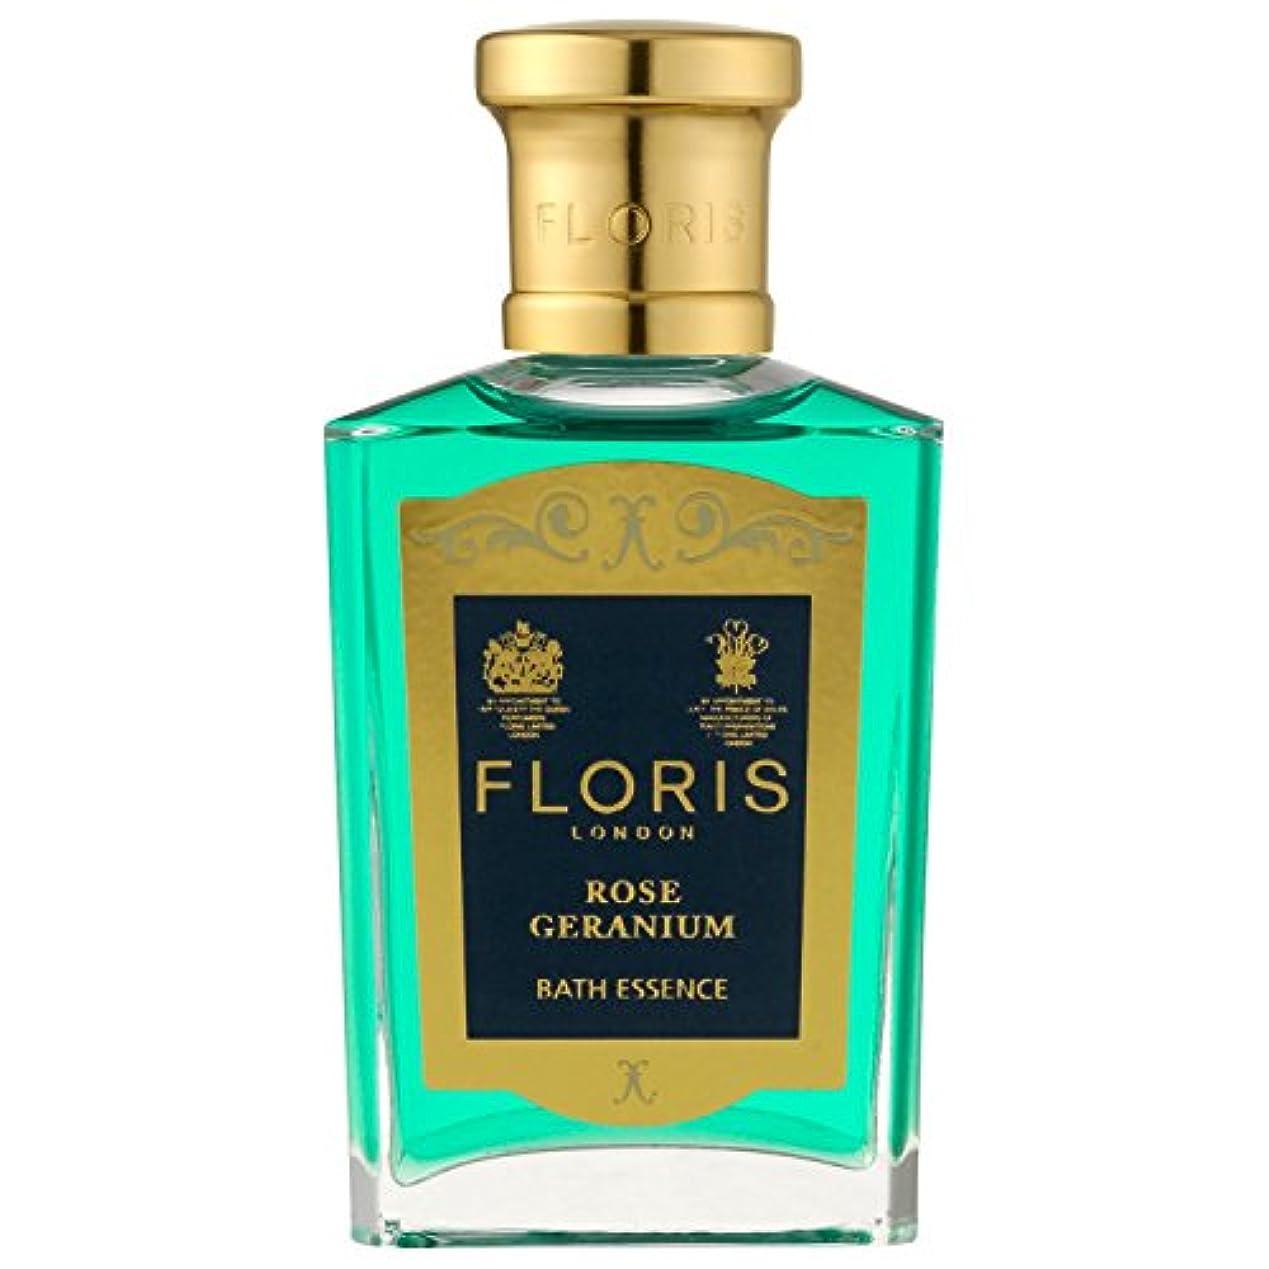 手錠脚目立つ[Floris] フロリスは、ゼラニウムバスエッセンス50ミリリットルをバラ - Floris Rose Geranium Bath Essence 50ml [並行輸入品]